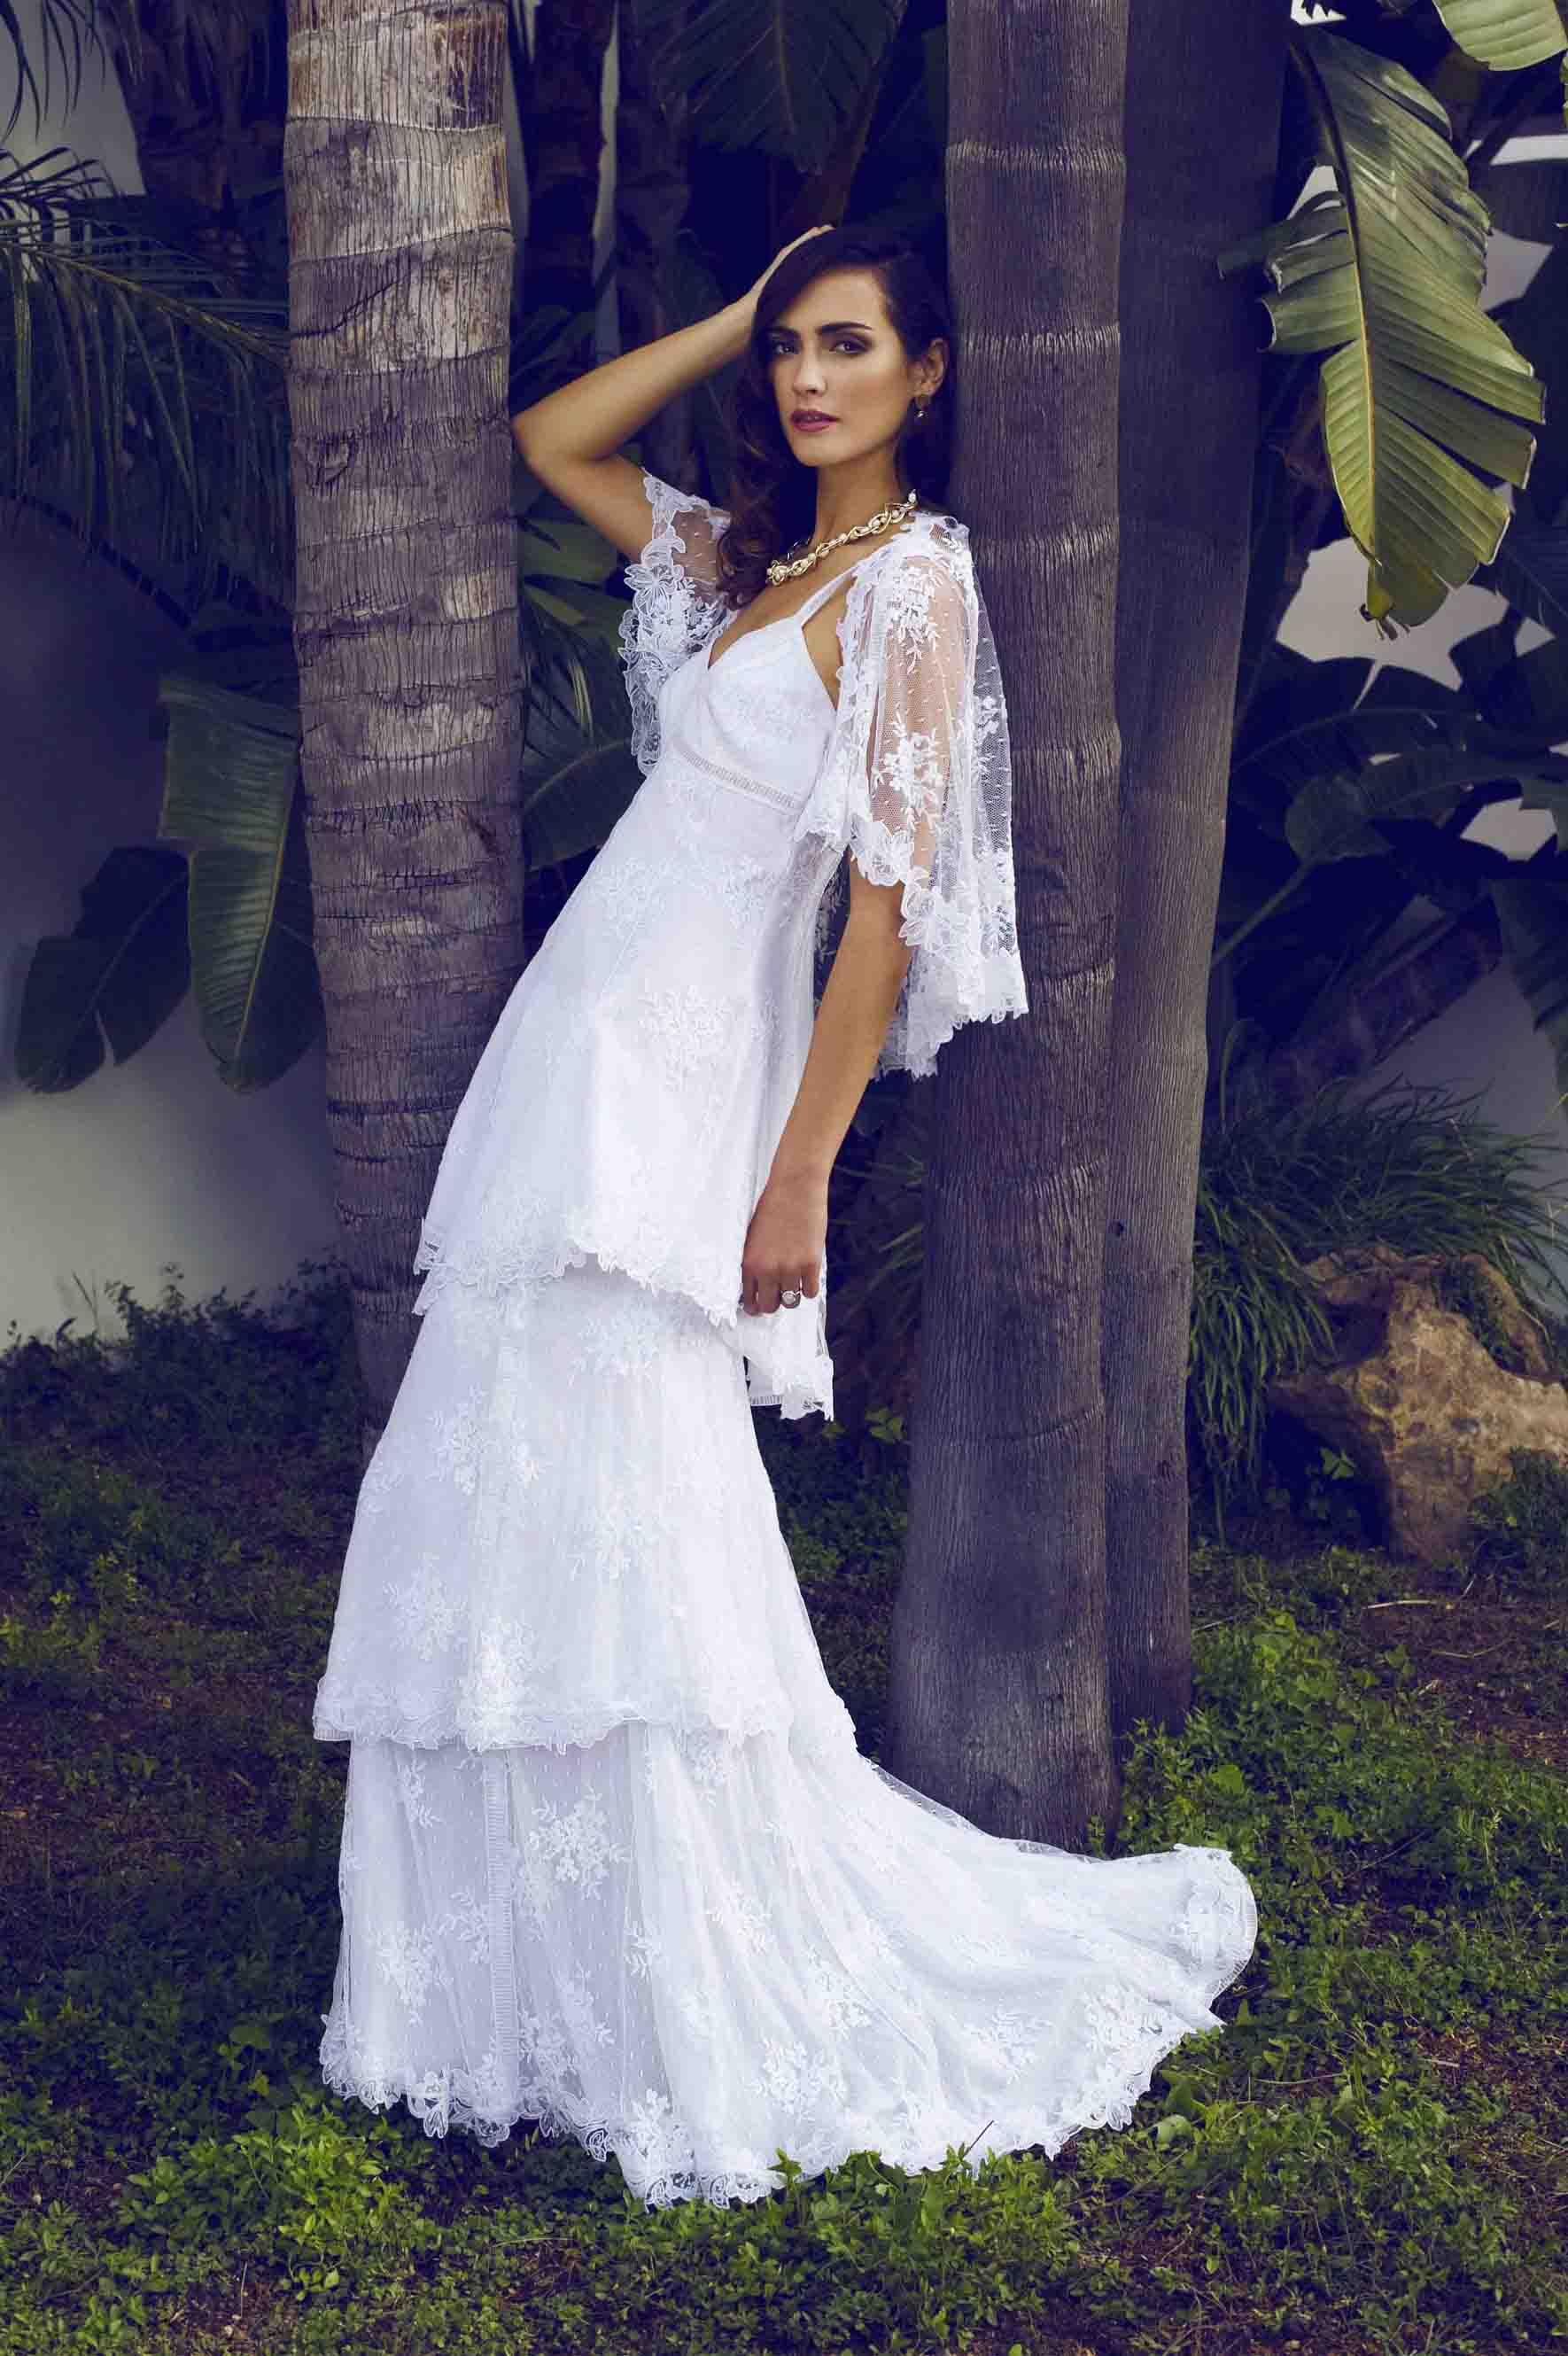 Colección Charo Ruiz | Ibiza TN. Trajes de novia, vestits de núvia.